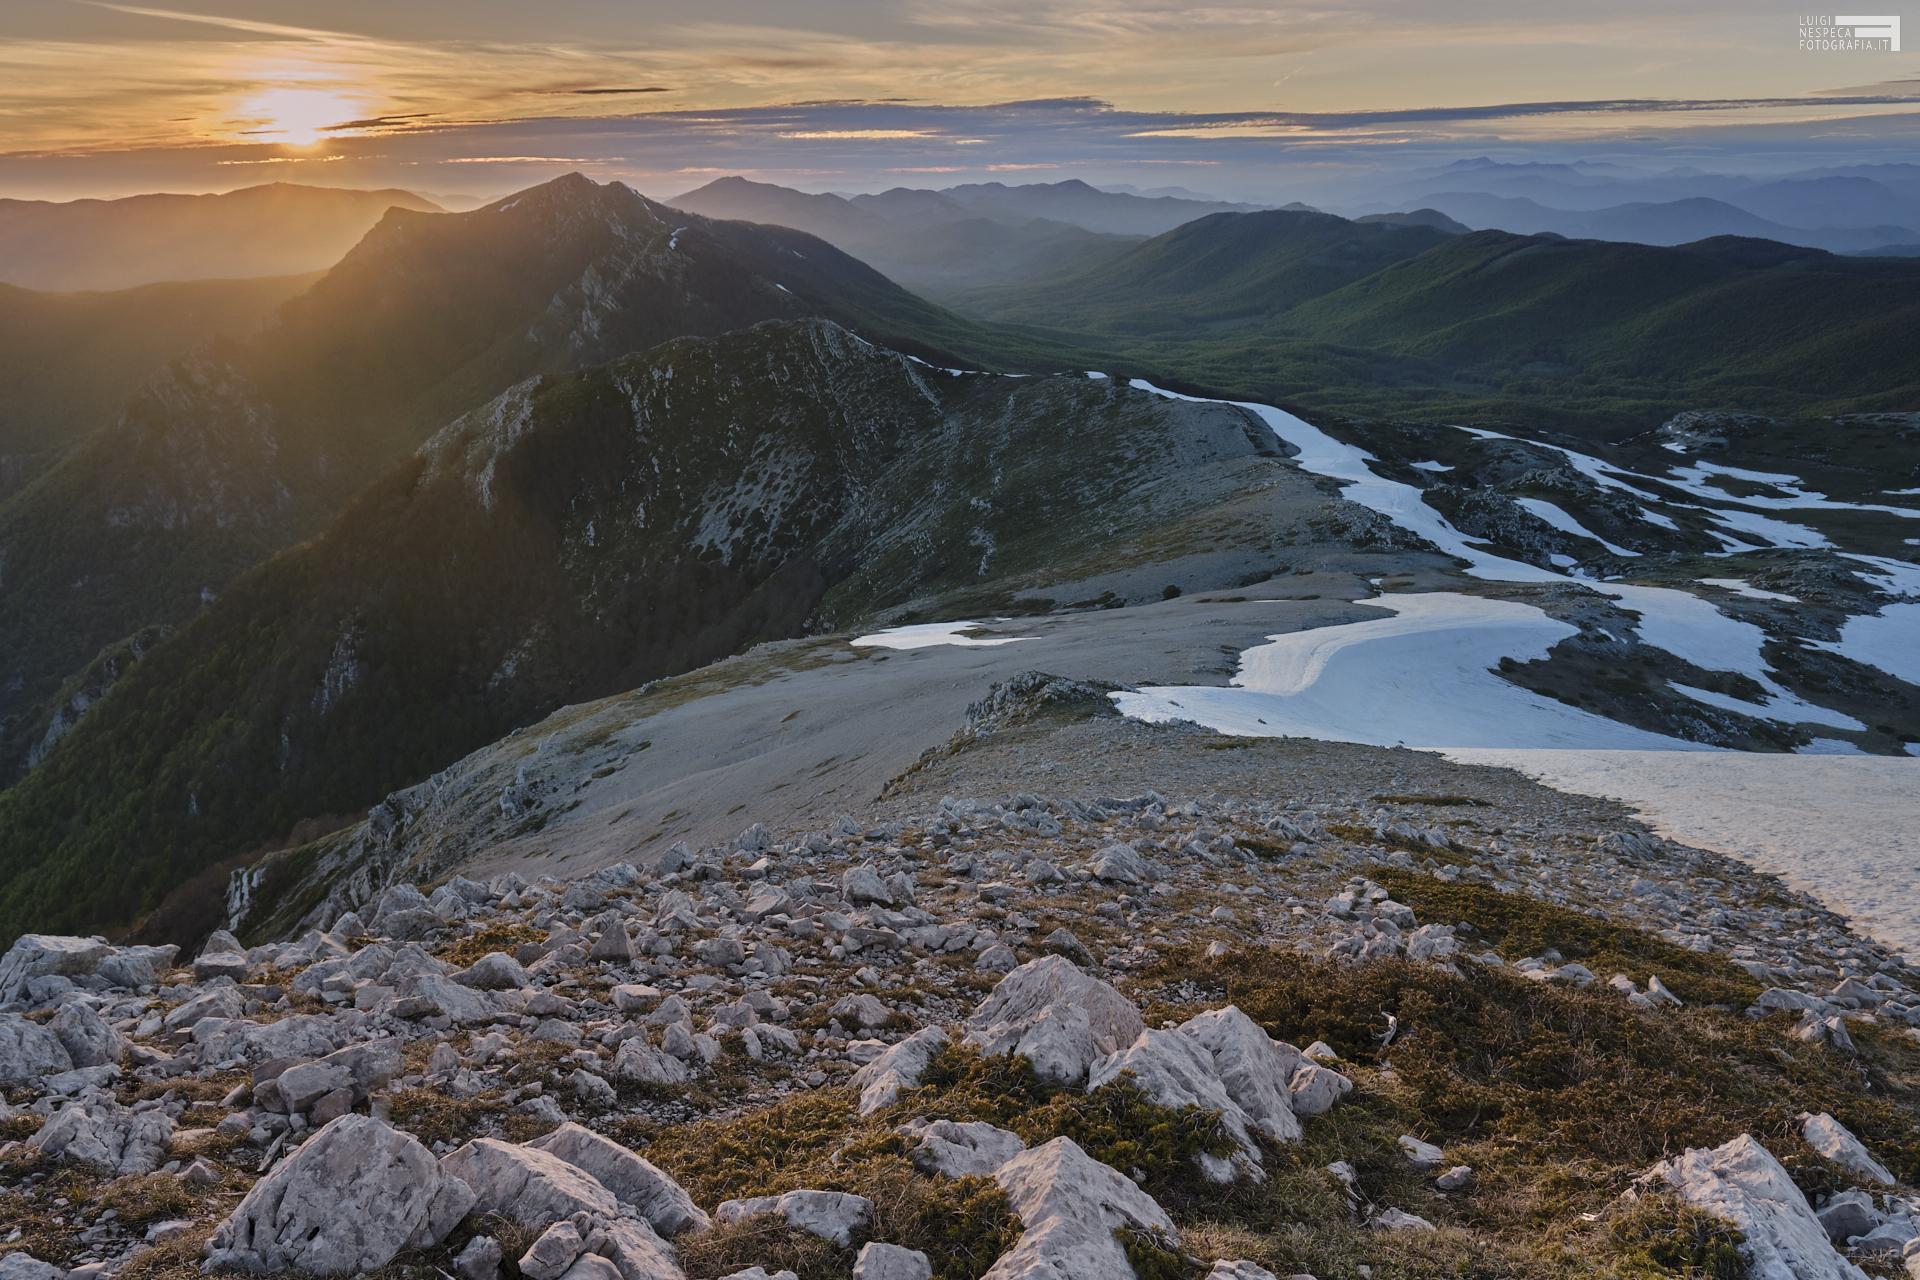 Maggio 2021 - Il Campo del Ceraso ed il Monte Tarino - Monti Simbruni